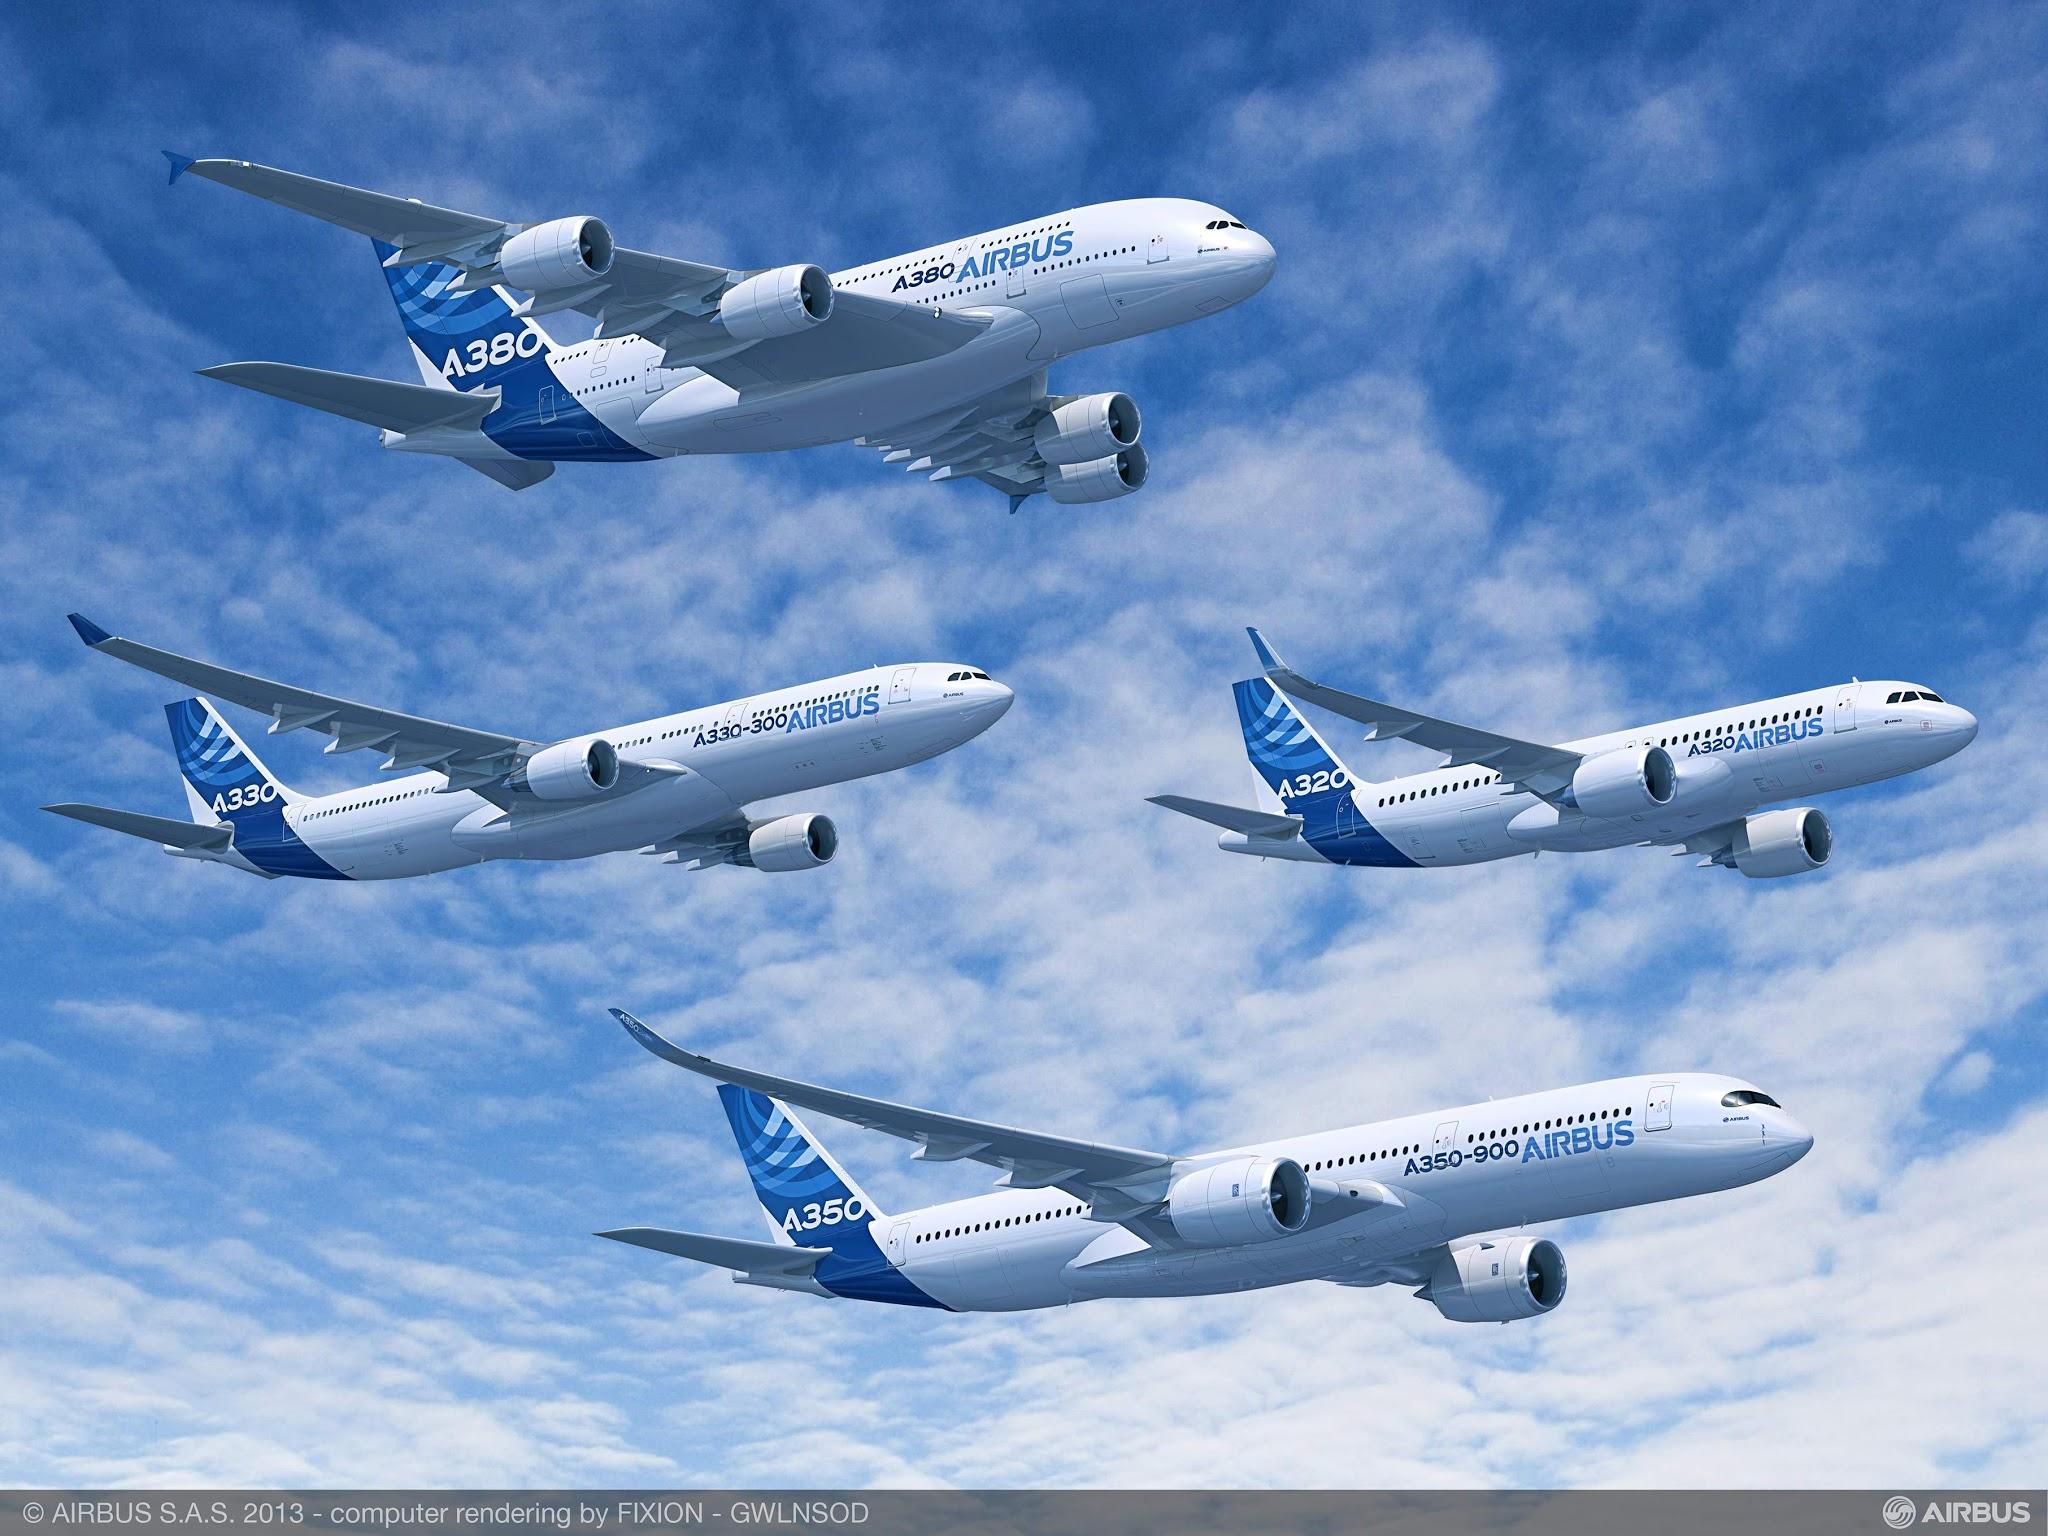 Índia está no caminho para se tornar o terceiro maior mercado de aviação até 2034